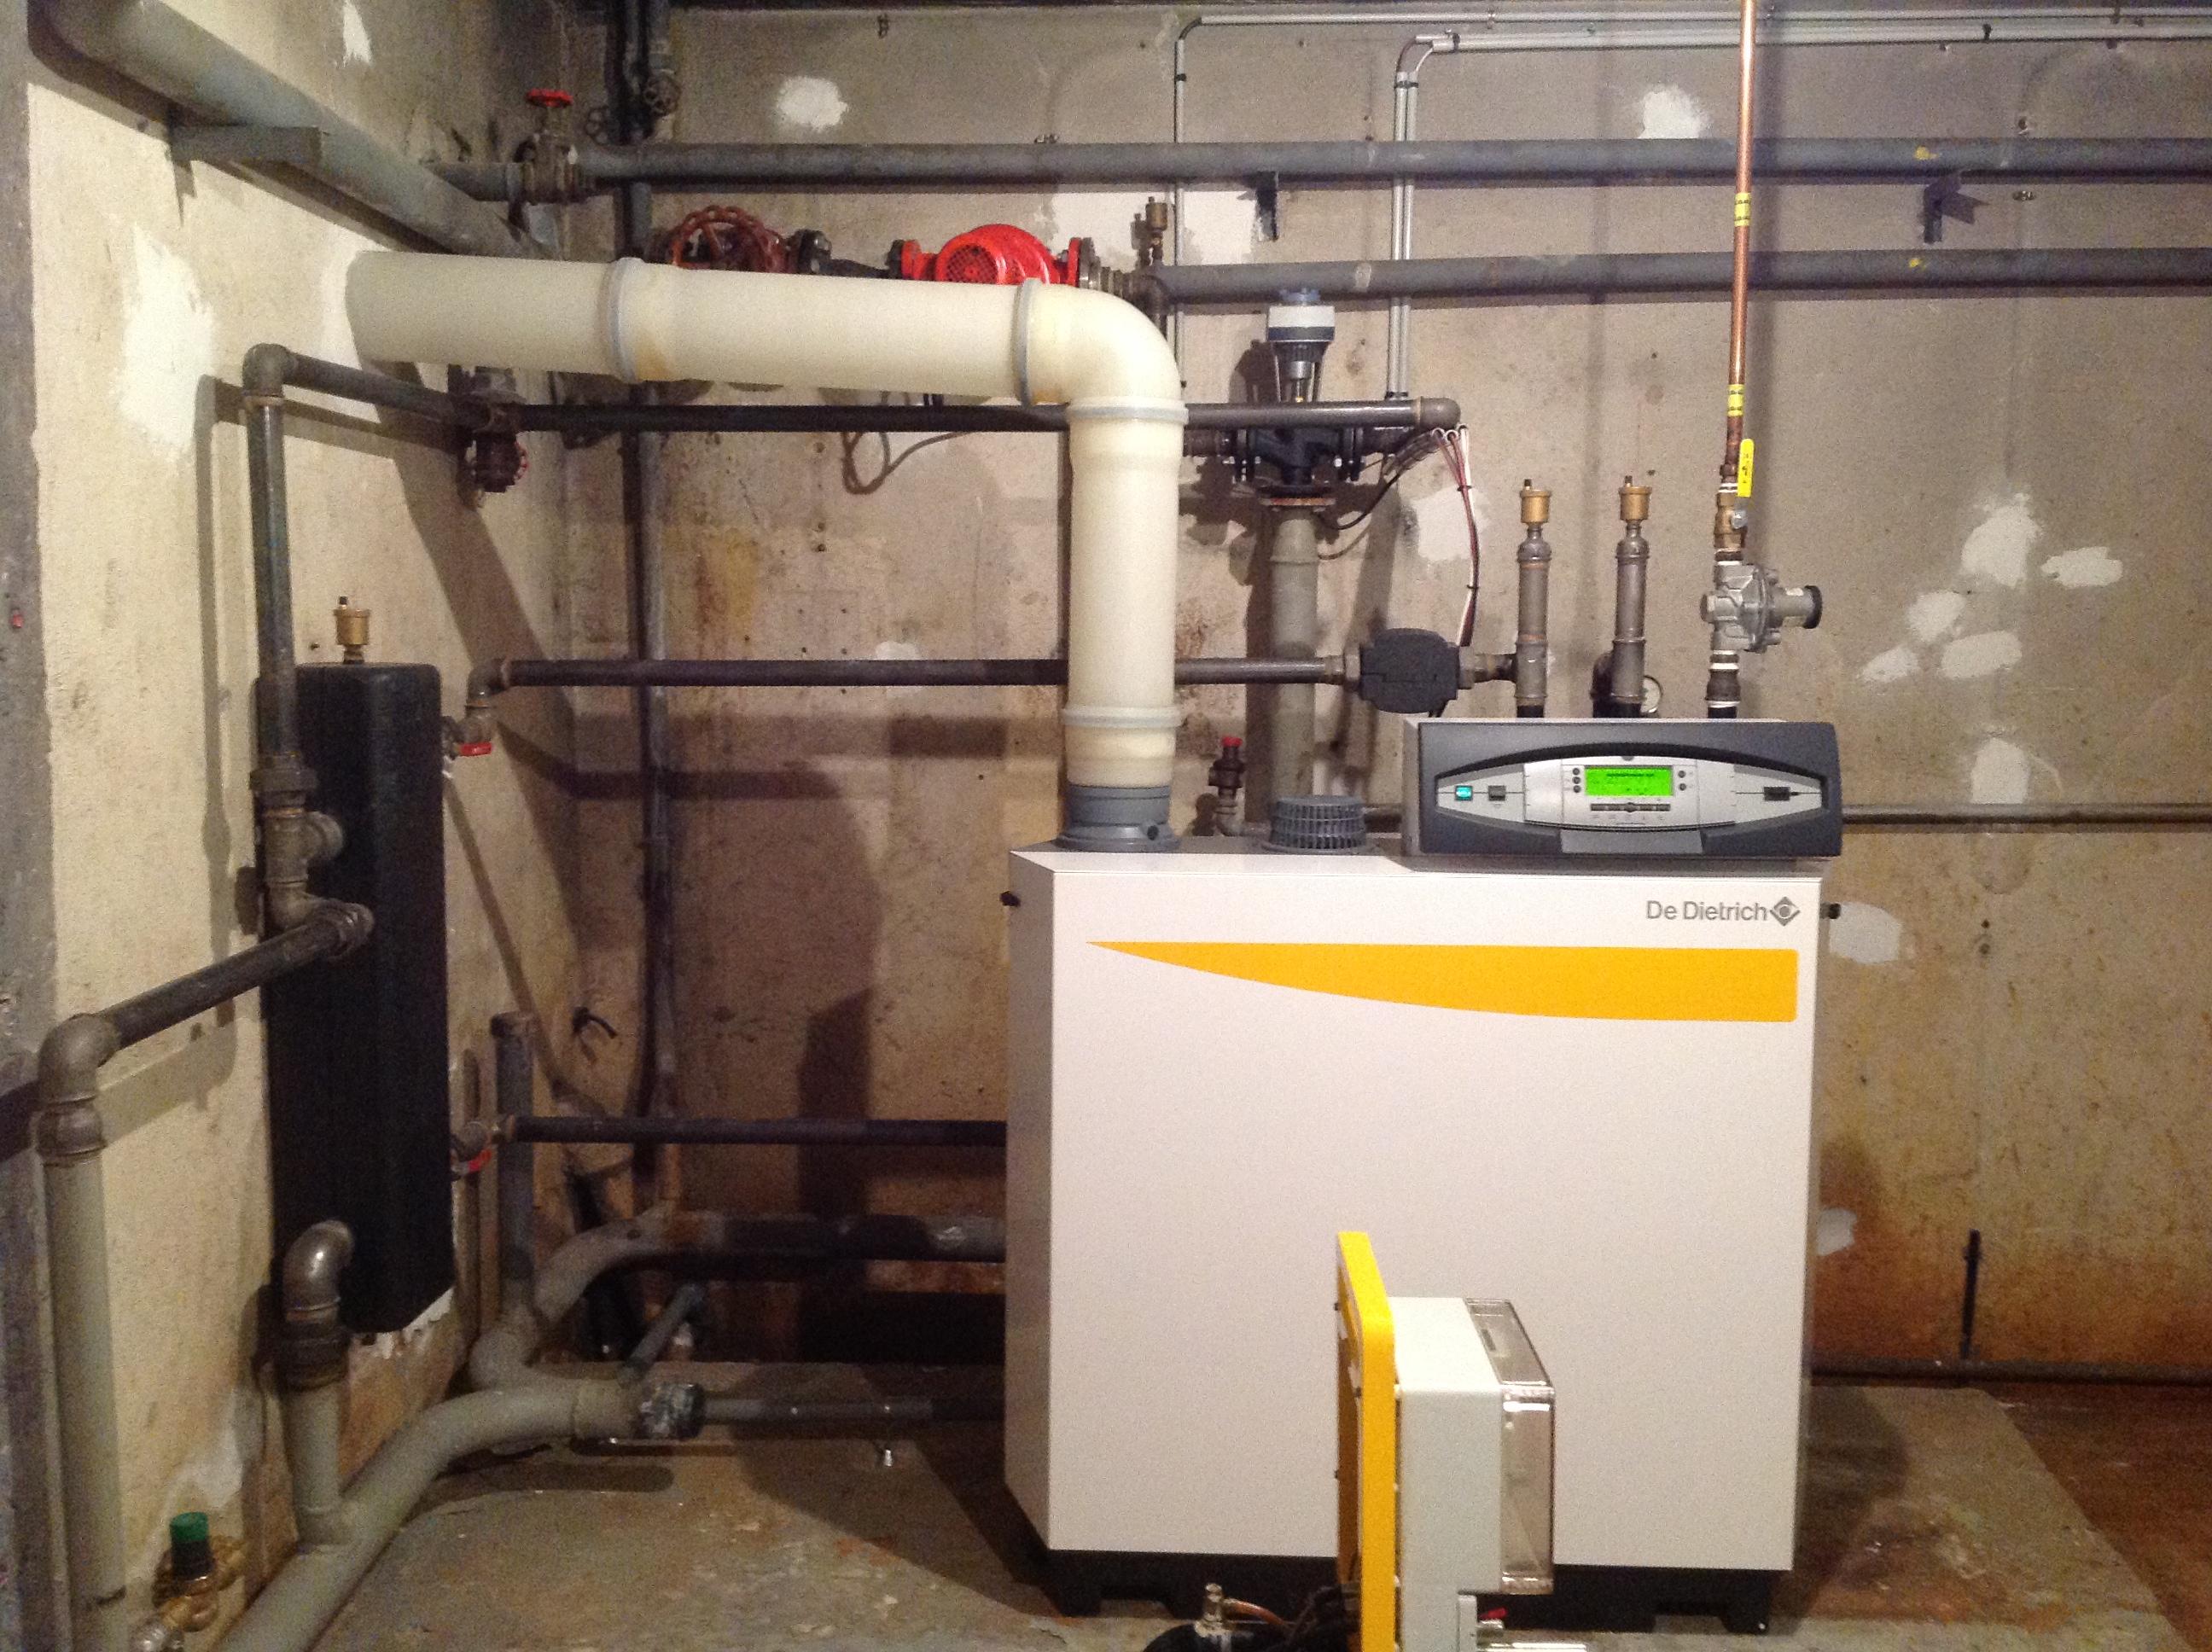 Chaudi re gaz condensation les conseils pour bien choisir - Chaudiere gaz condensation ...